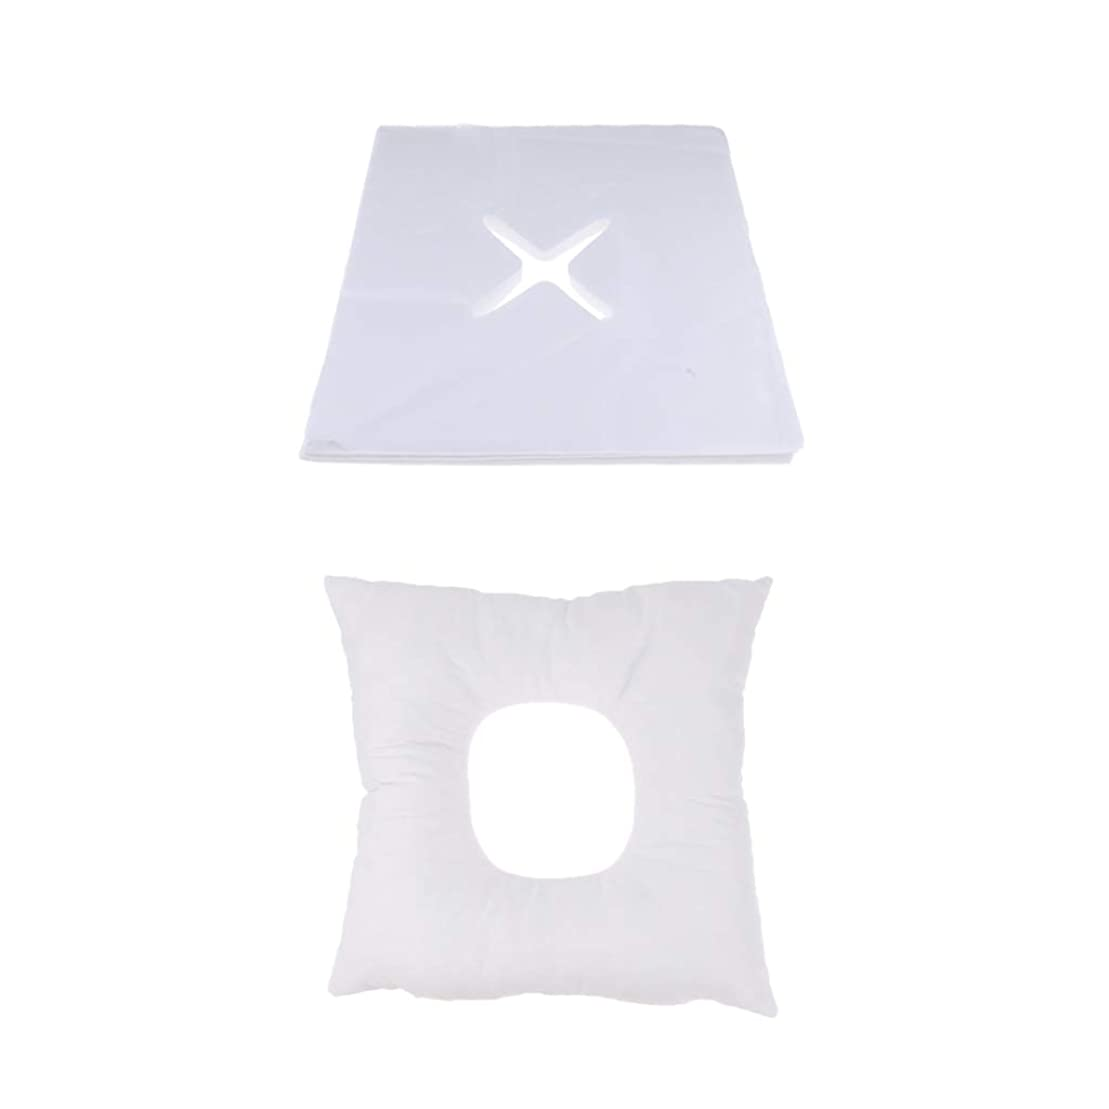 倍増数値除去D DOLITY マッサージ枕 顔枕 フェイスマット 200個使い捨てカバー付き 柔らかく快適